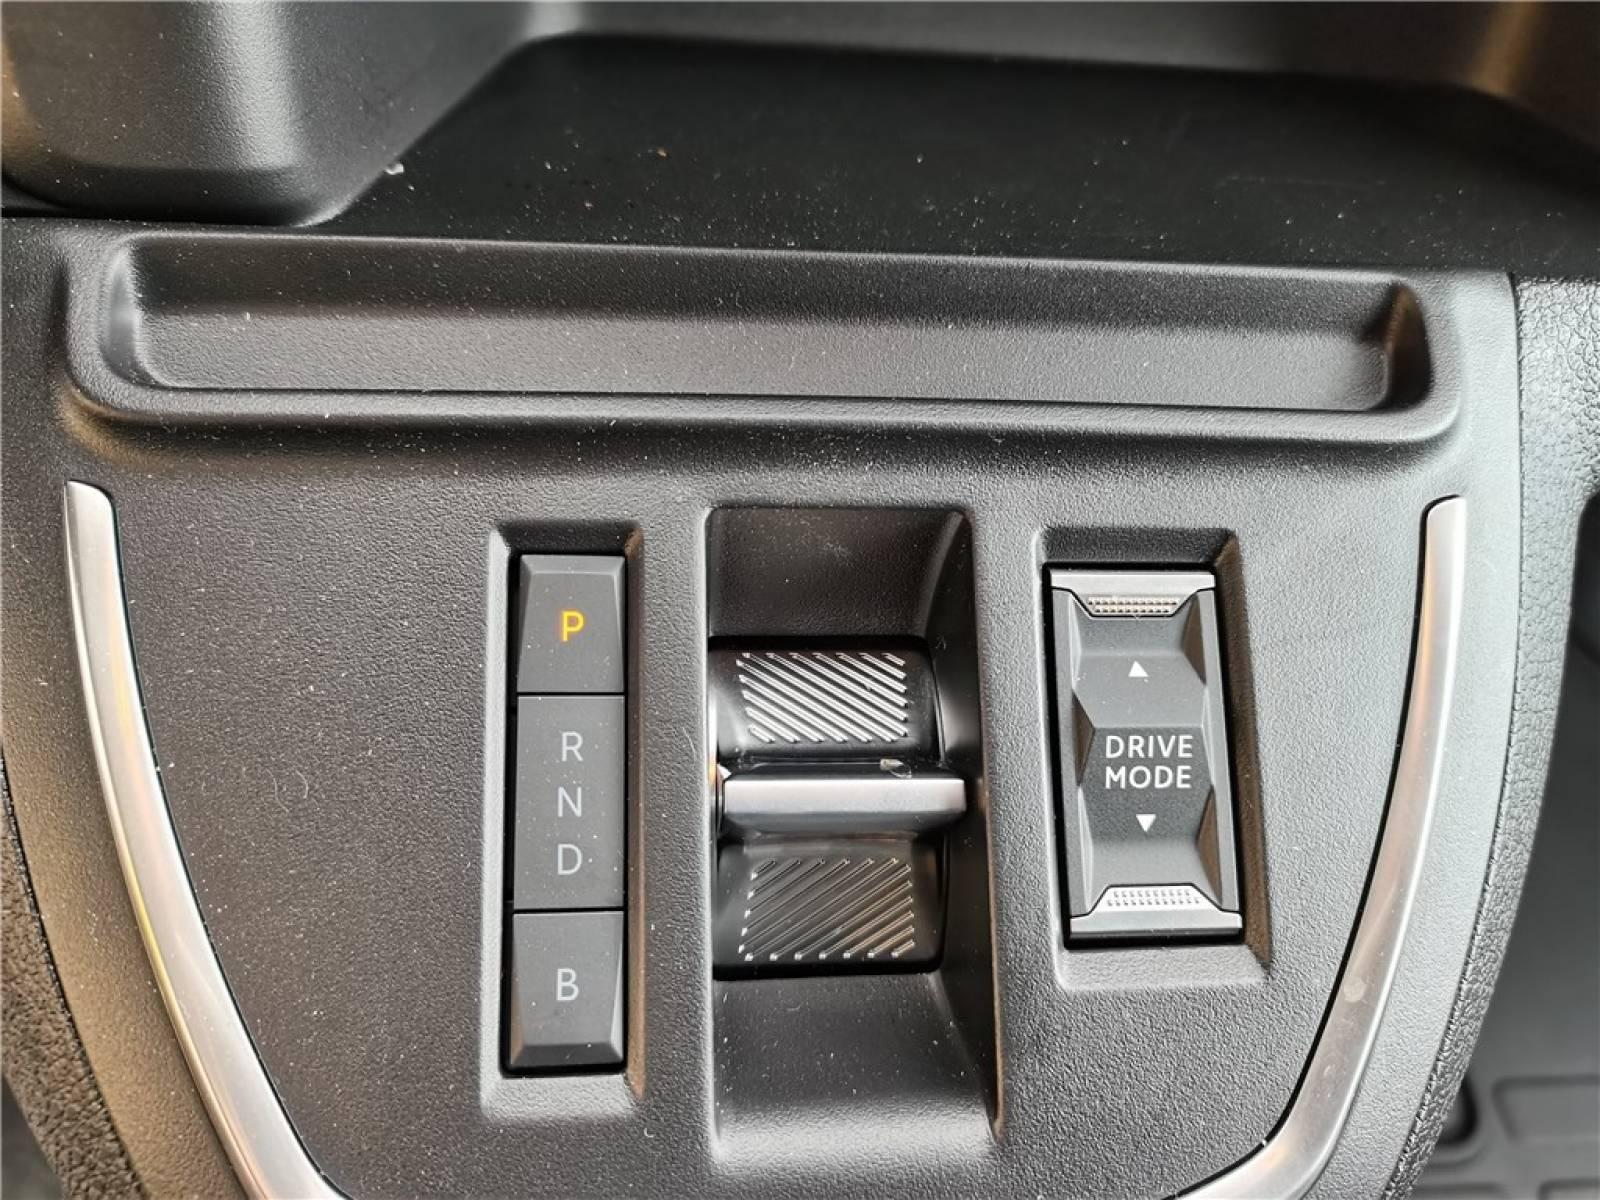 OPEL VIVARO-E FGN L2 300 - véhicule d'occasion - Groupe Guillet - Opel Magicauto - Chalon-sur-Saône - 71380 - Saint-Marcel - 8